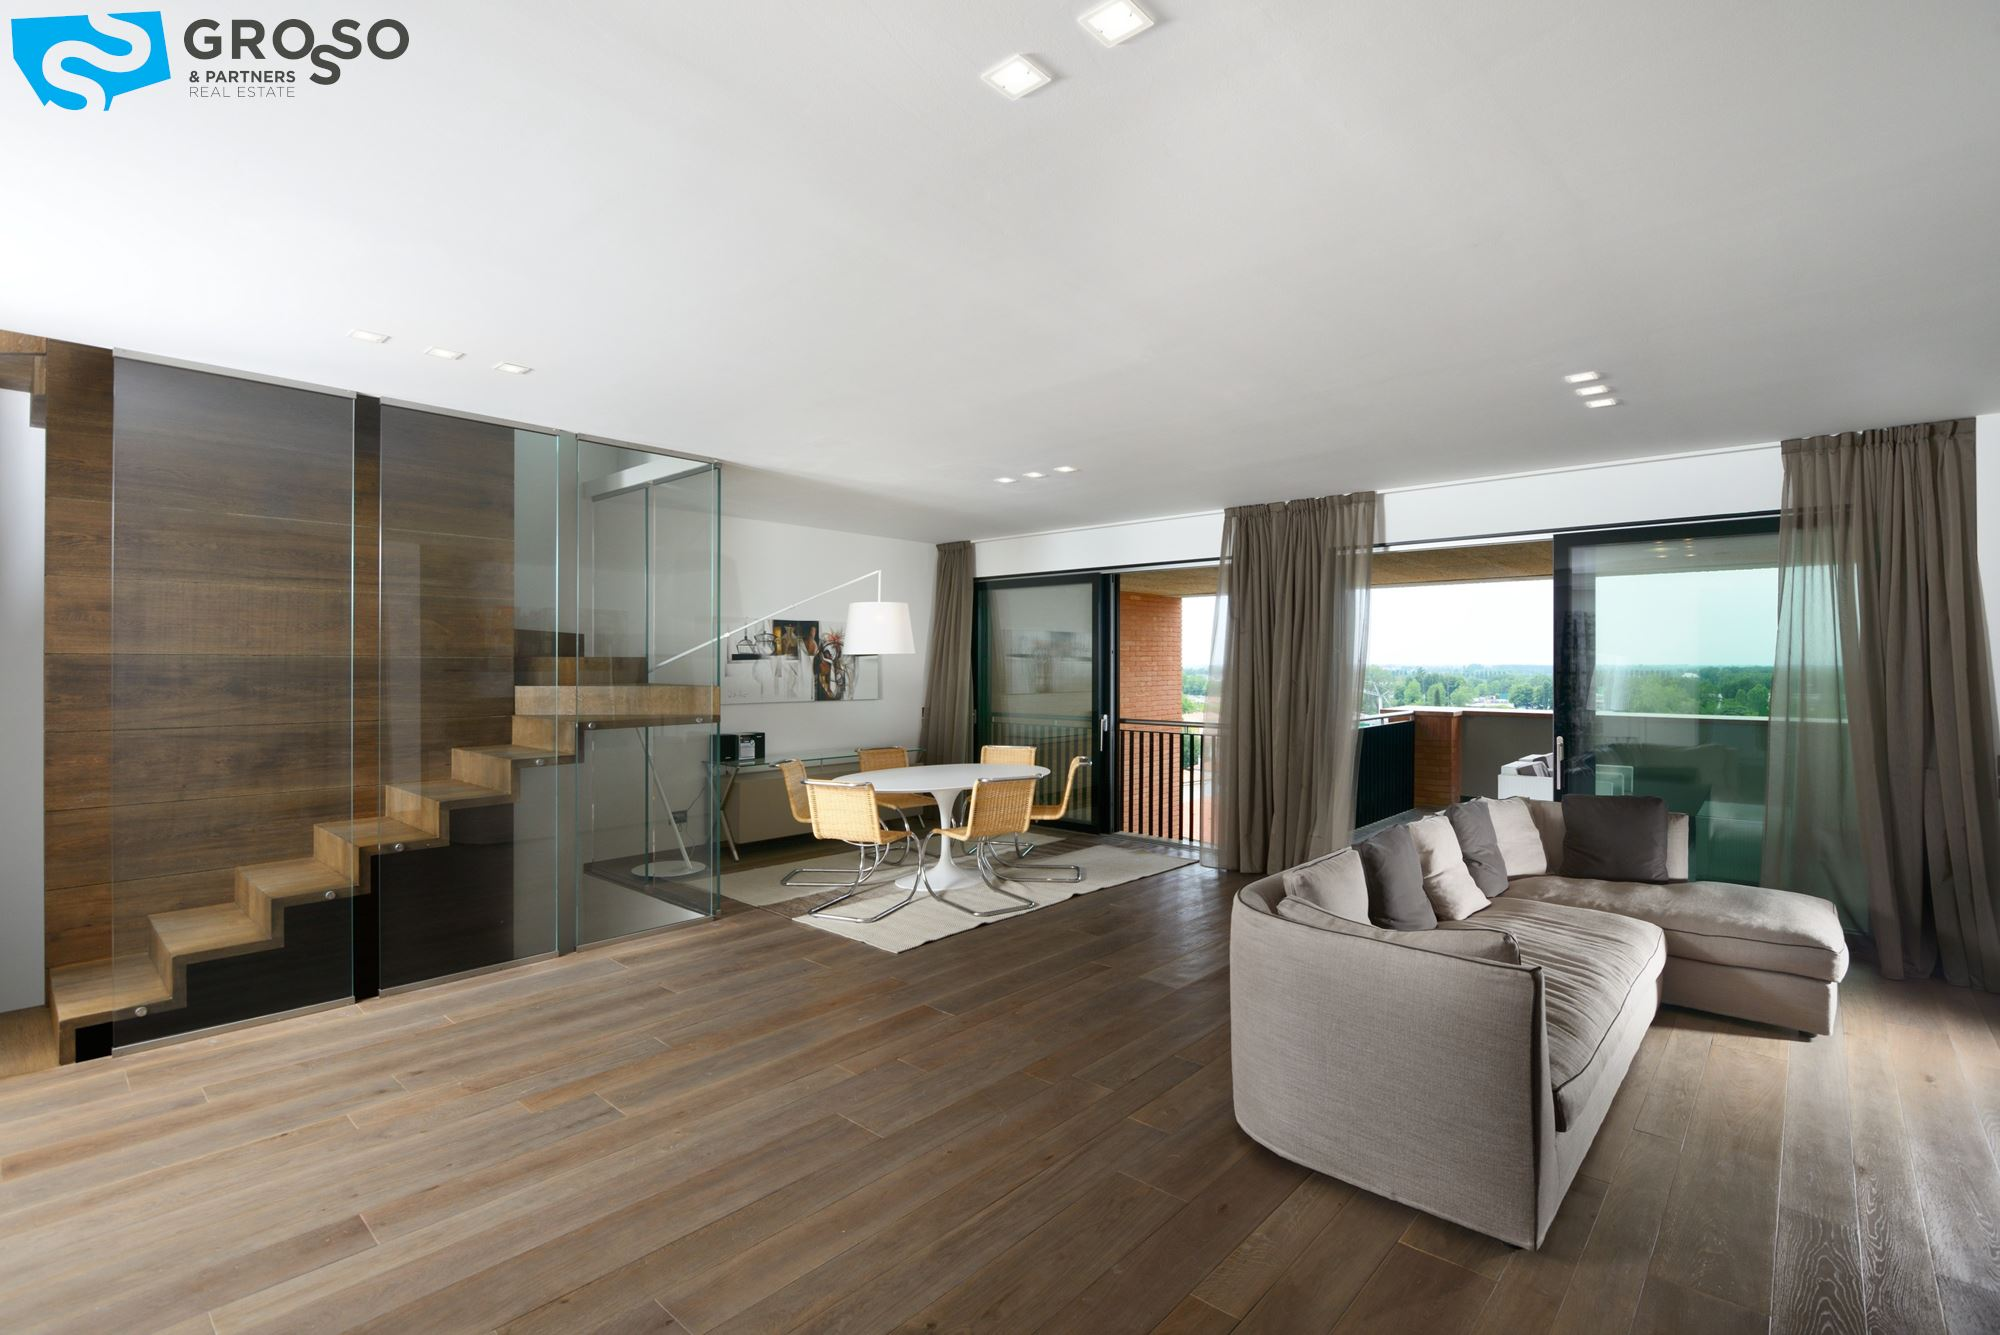 Vendita attico a treviso grosso partners immobiliare for Foto di mansarde arredate